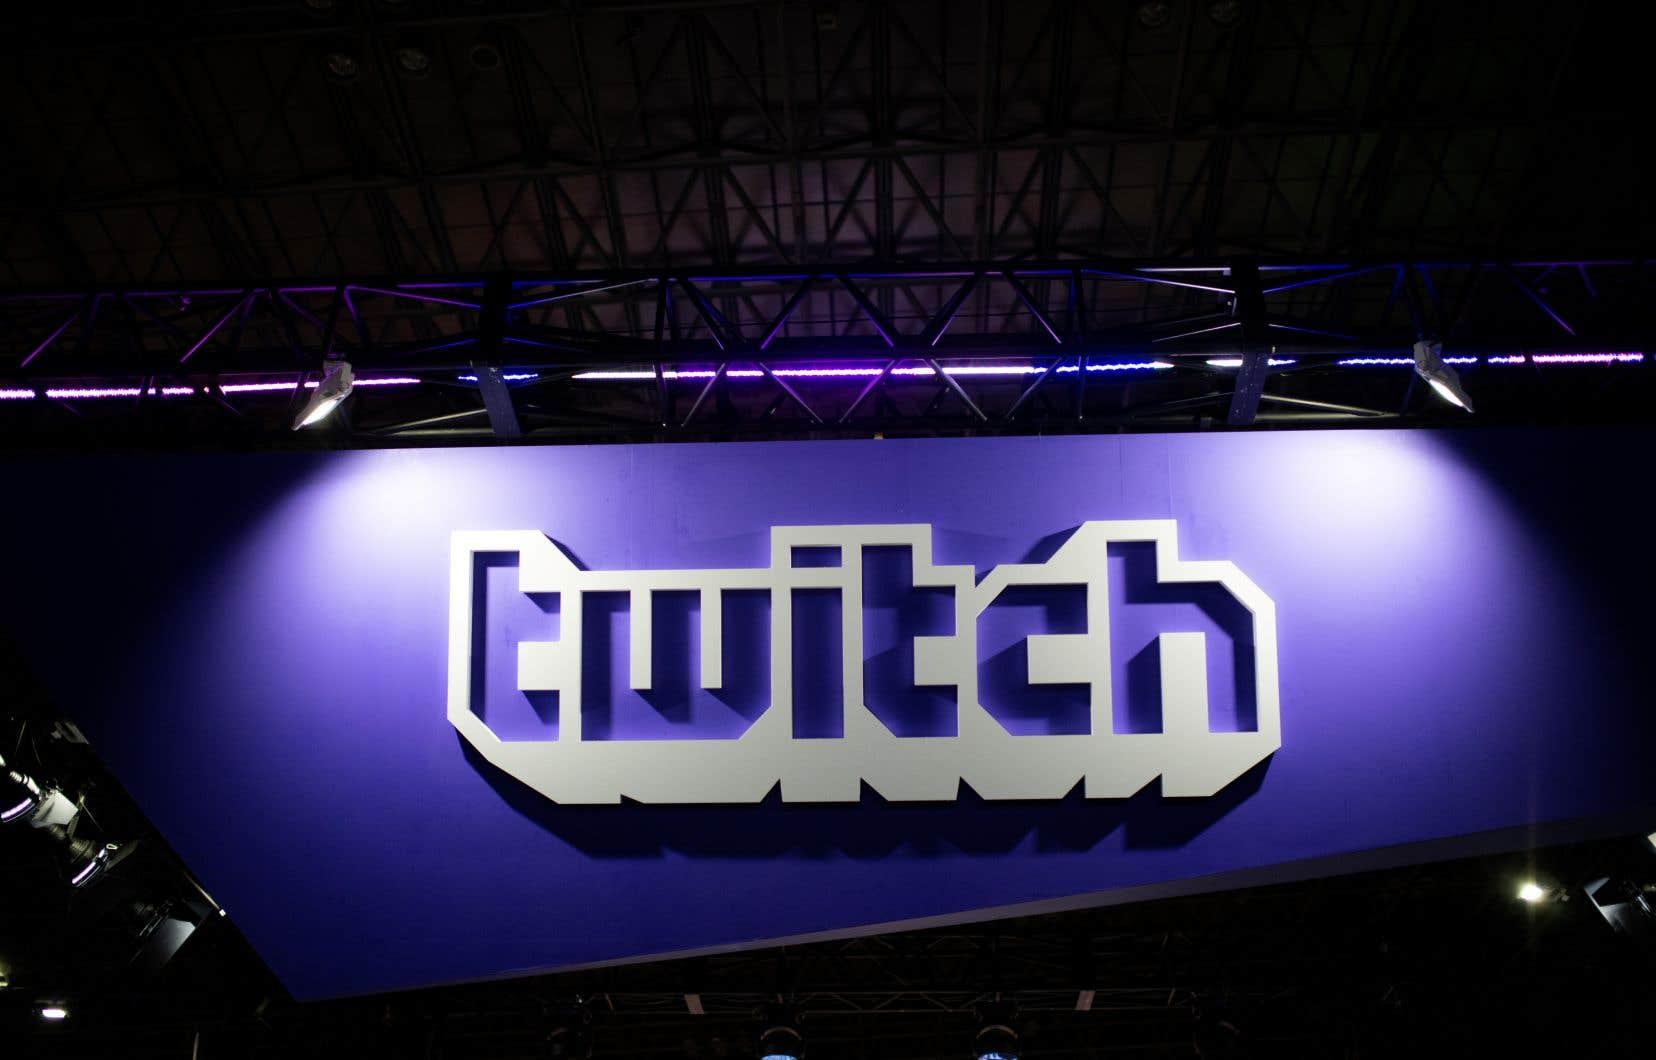 Lancée en 2011, rachetée par Amazon en 2014, Twitch est désormais la référence en termes de plateforme spécialisée dans la retransmission de jeux vidéo.